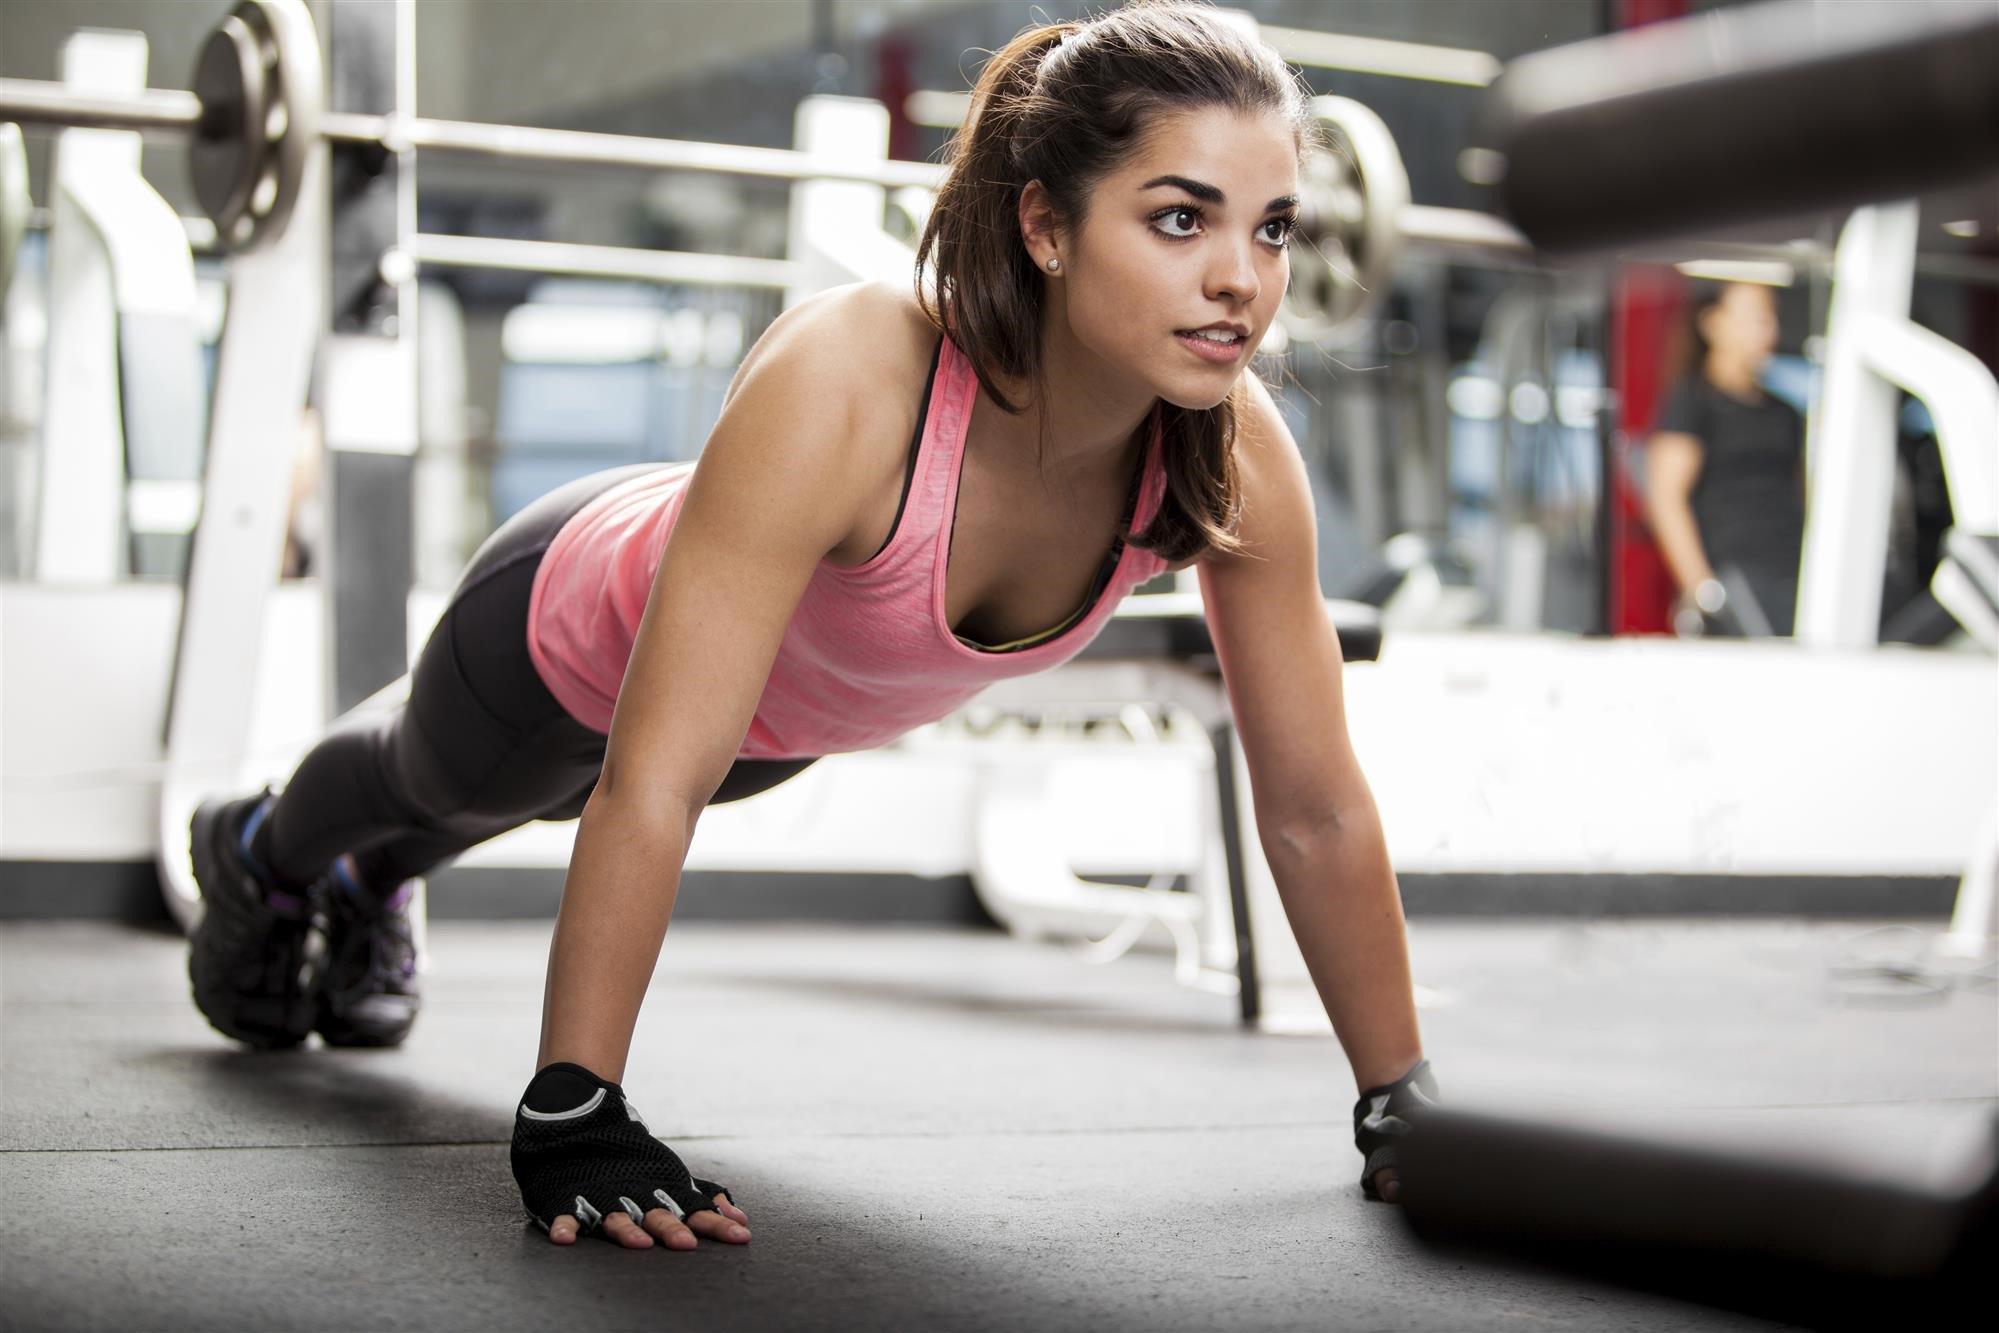 woman-doing-pushups.jpg